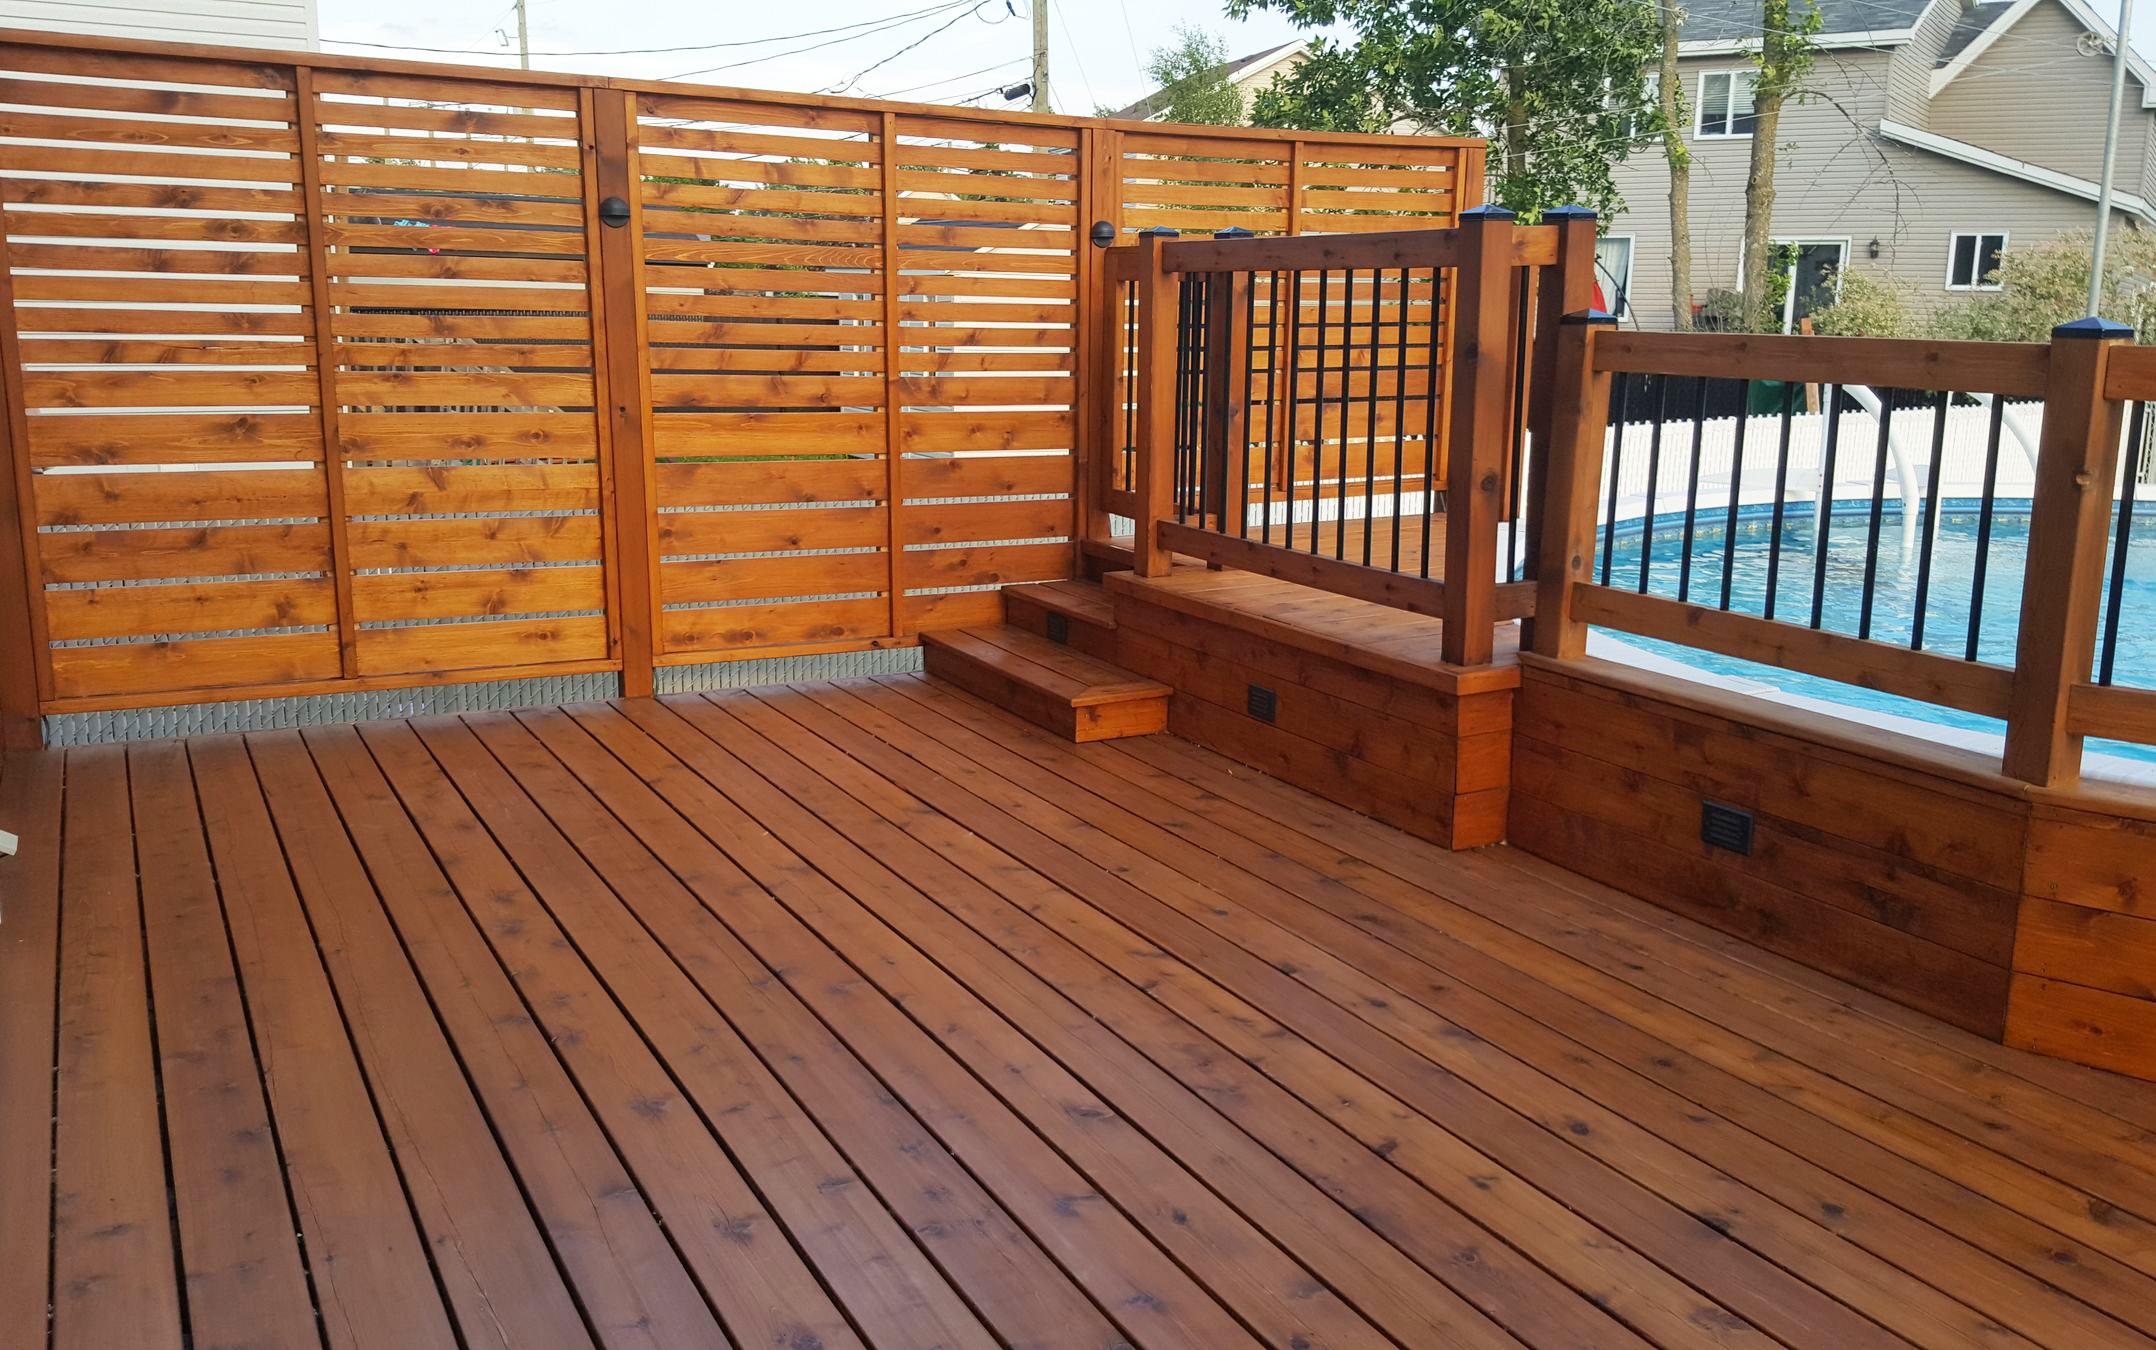 Pareo huile pour finition ext rieure prato verde huiles pour bois - Couleur de teinture pour patio ...